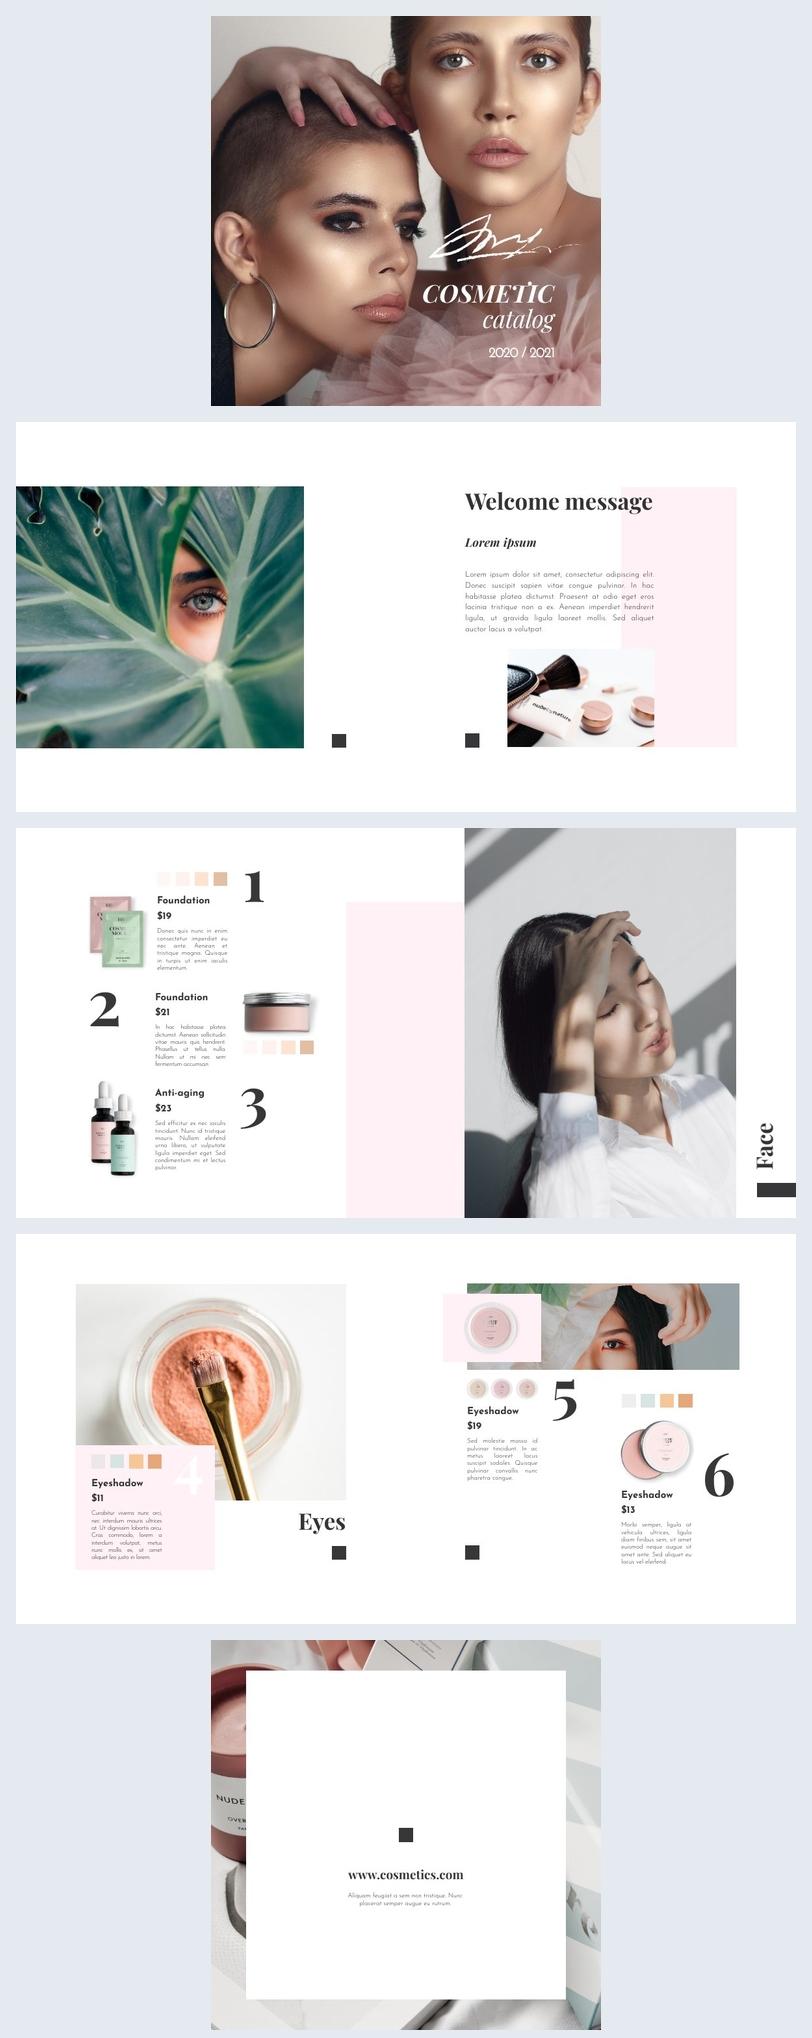 Diseño de catálogo de línea de cosméticos